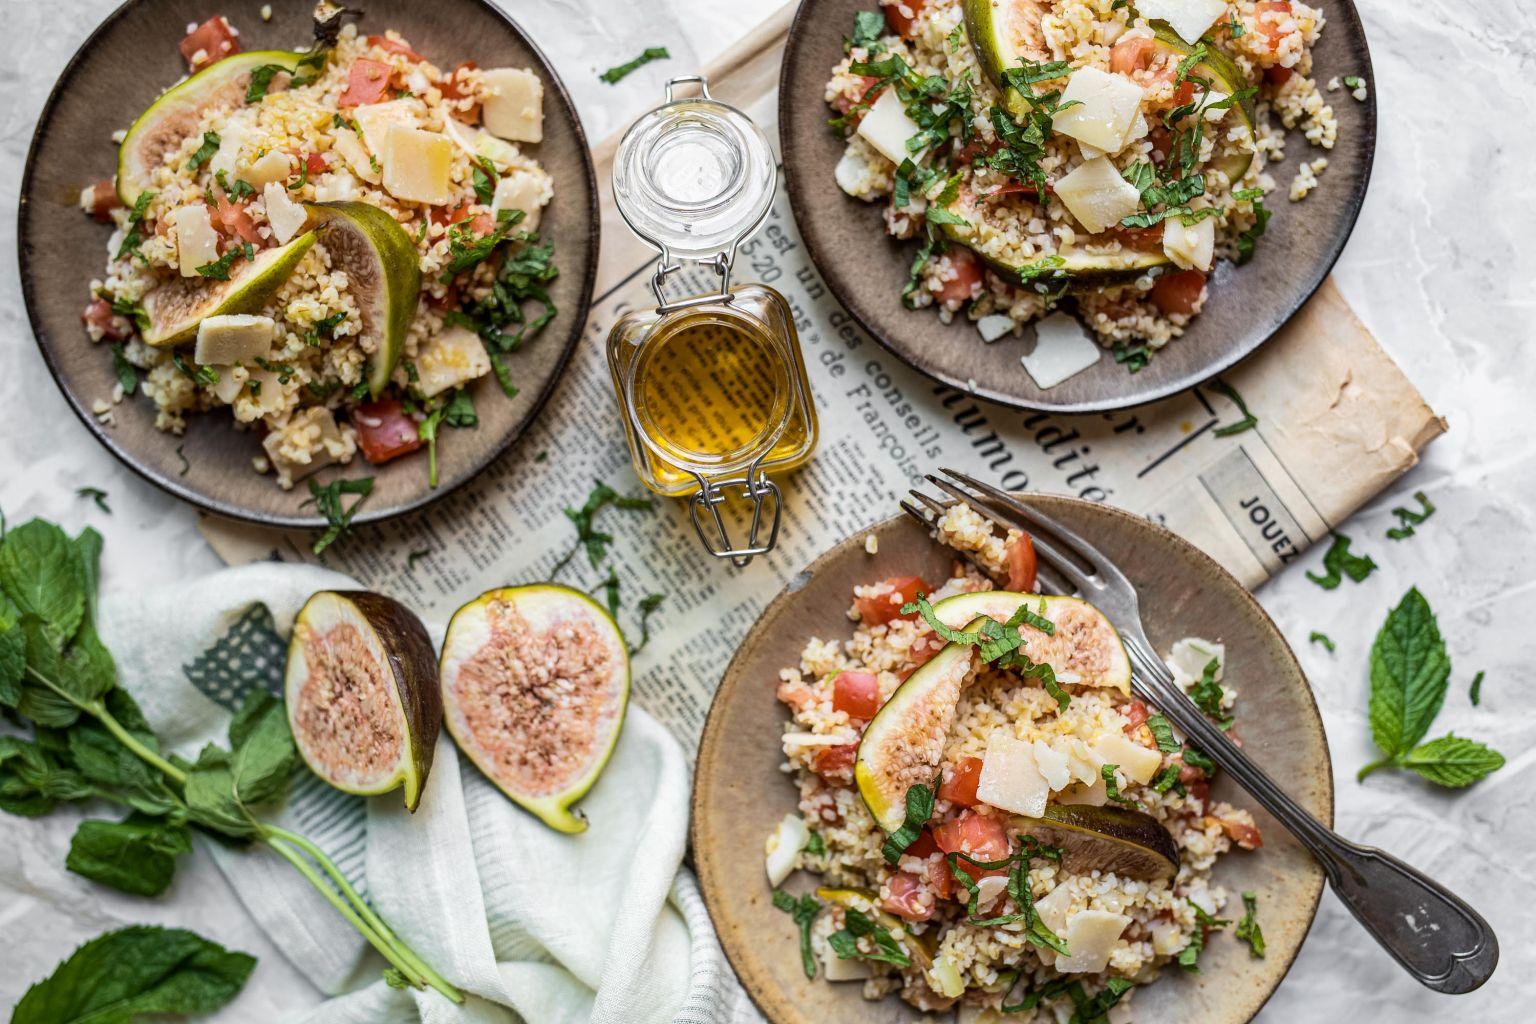 Taboulé à la figue, menthe et parmesan